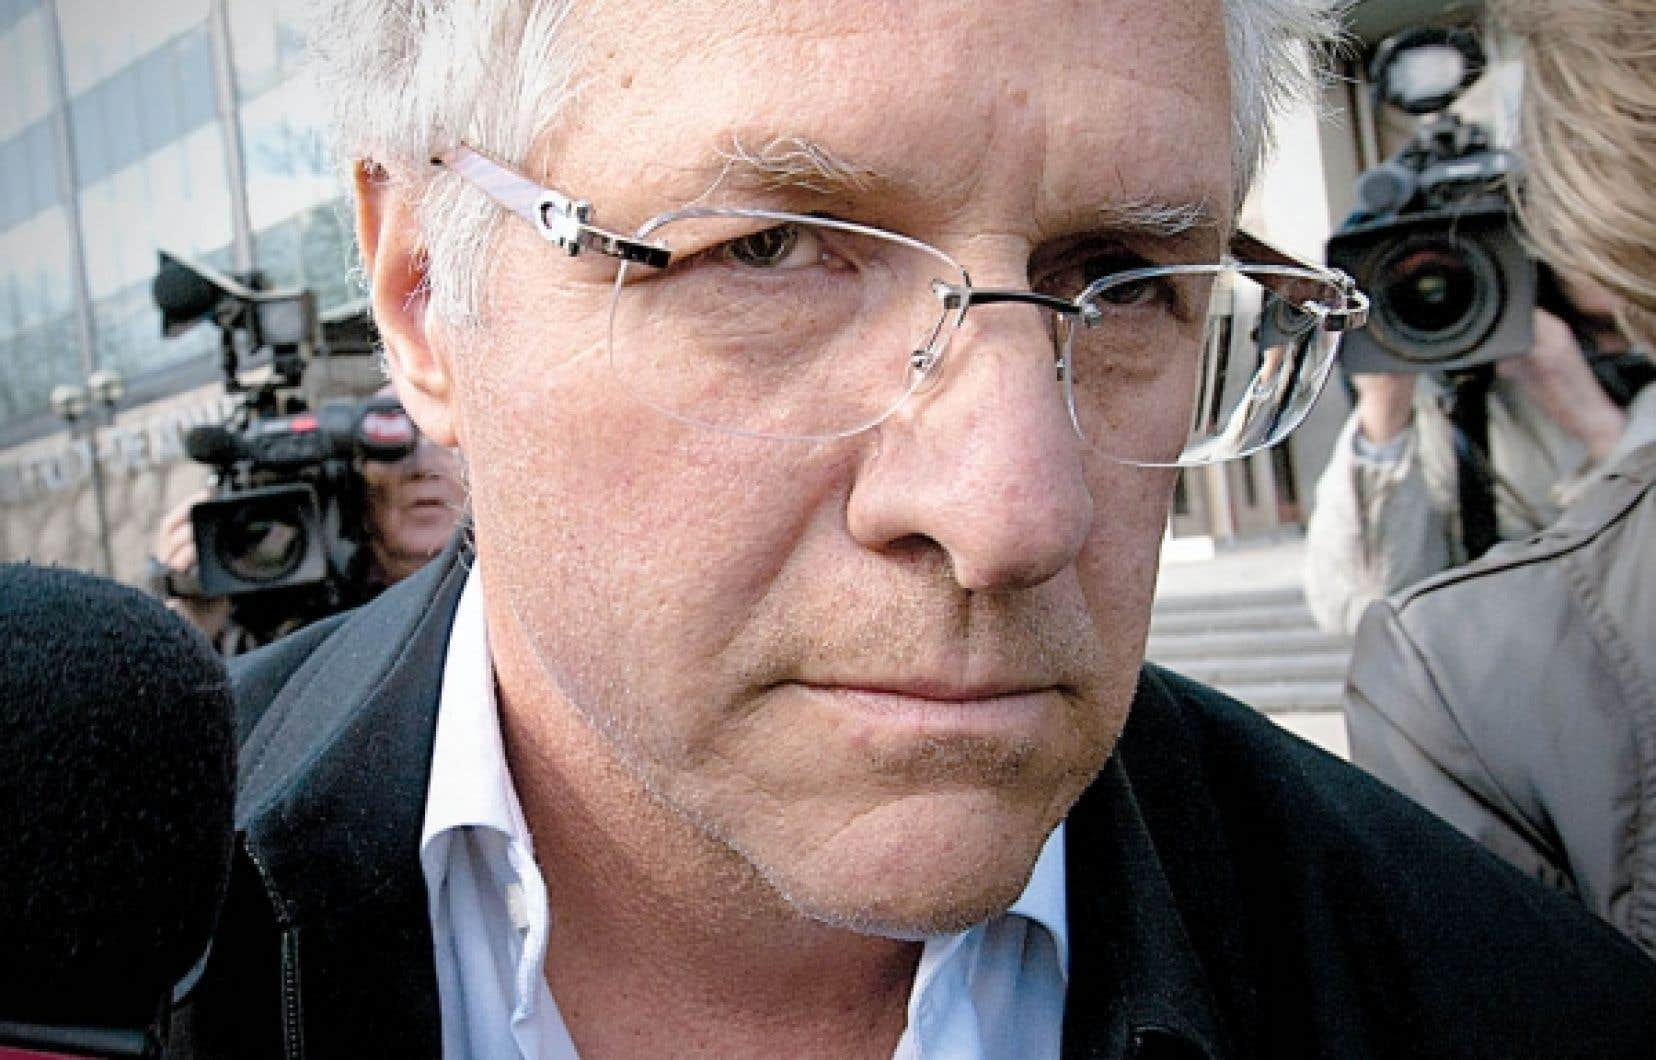 L'entrepreneur Tony Accurso entouré de journalistes à sa sortie du quartier général de la Sûreté du Québec, rue Parthenais, à Montréal, hier. Des accusations de fraude, complot, abus de confiance et trafic d'influence ont été portées contre lui.<br />